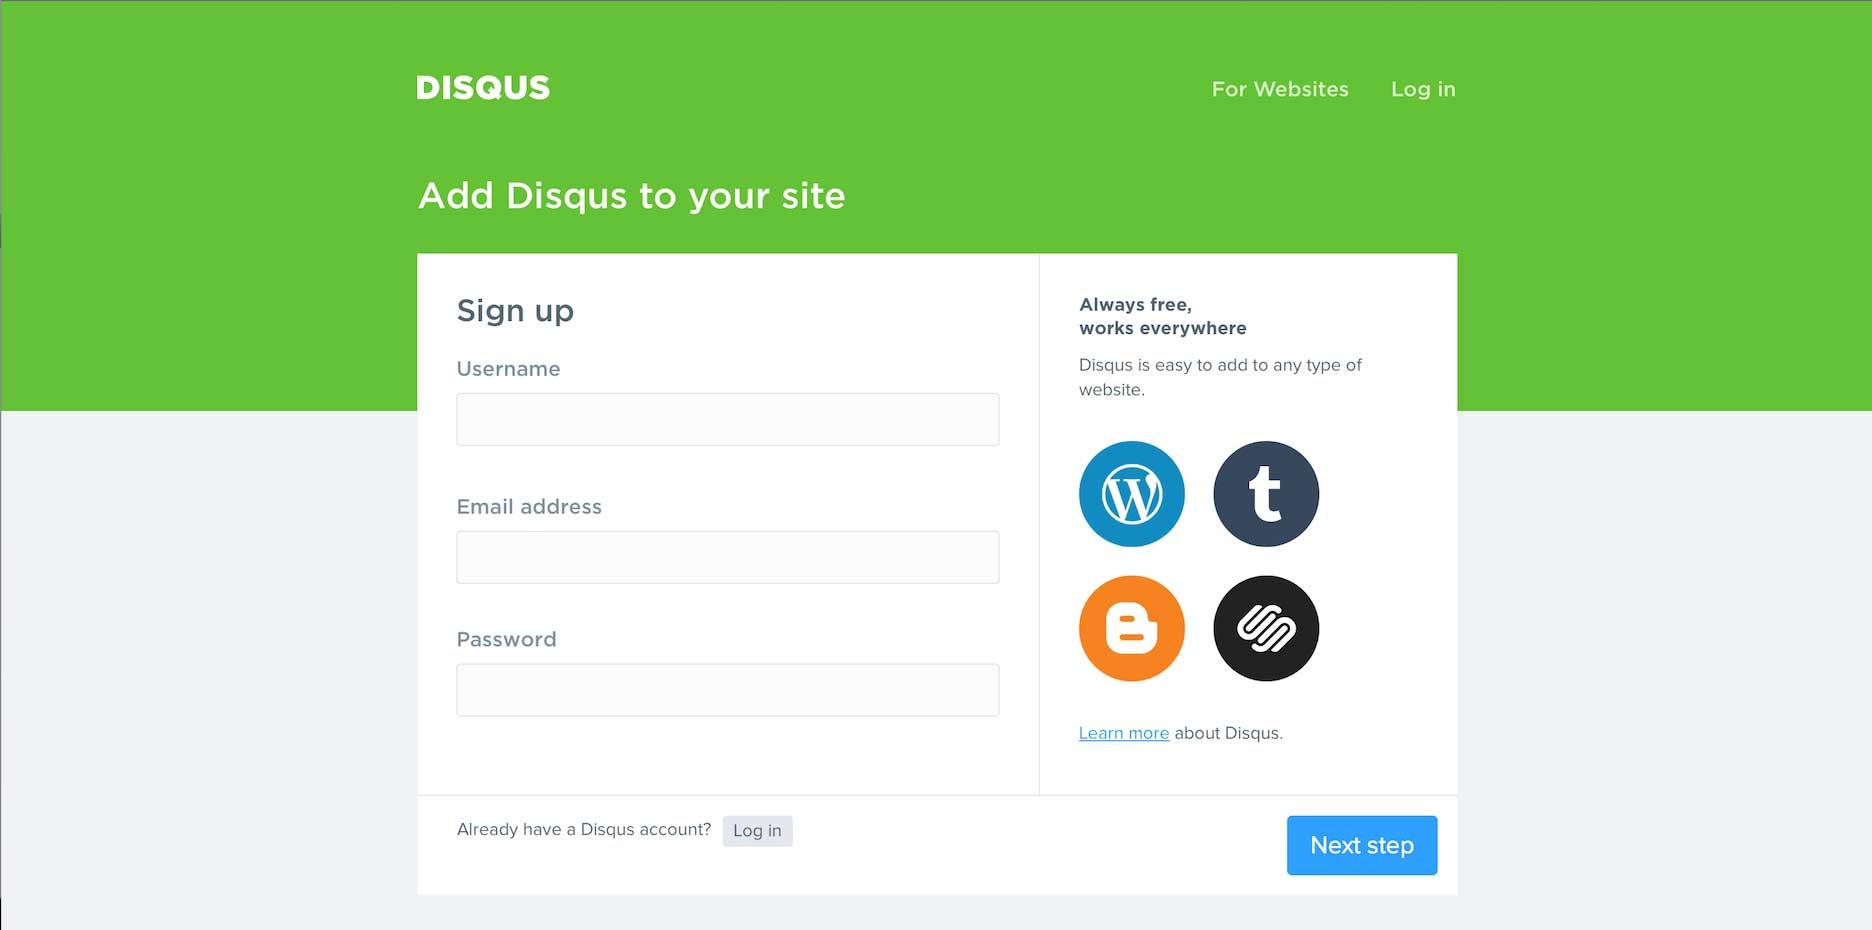 Disqus.com Sign-Up Form